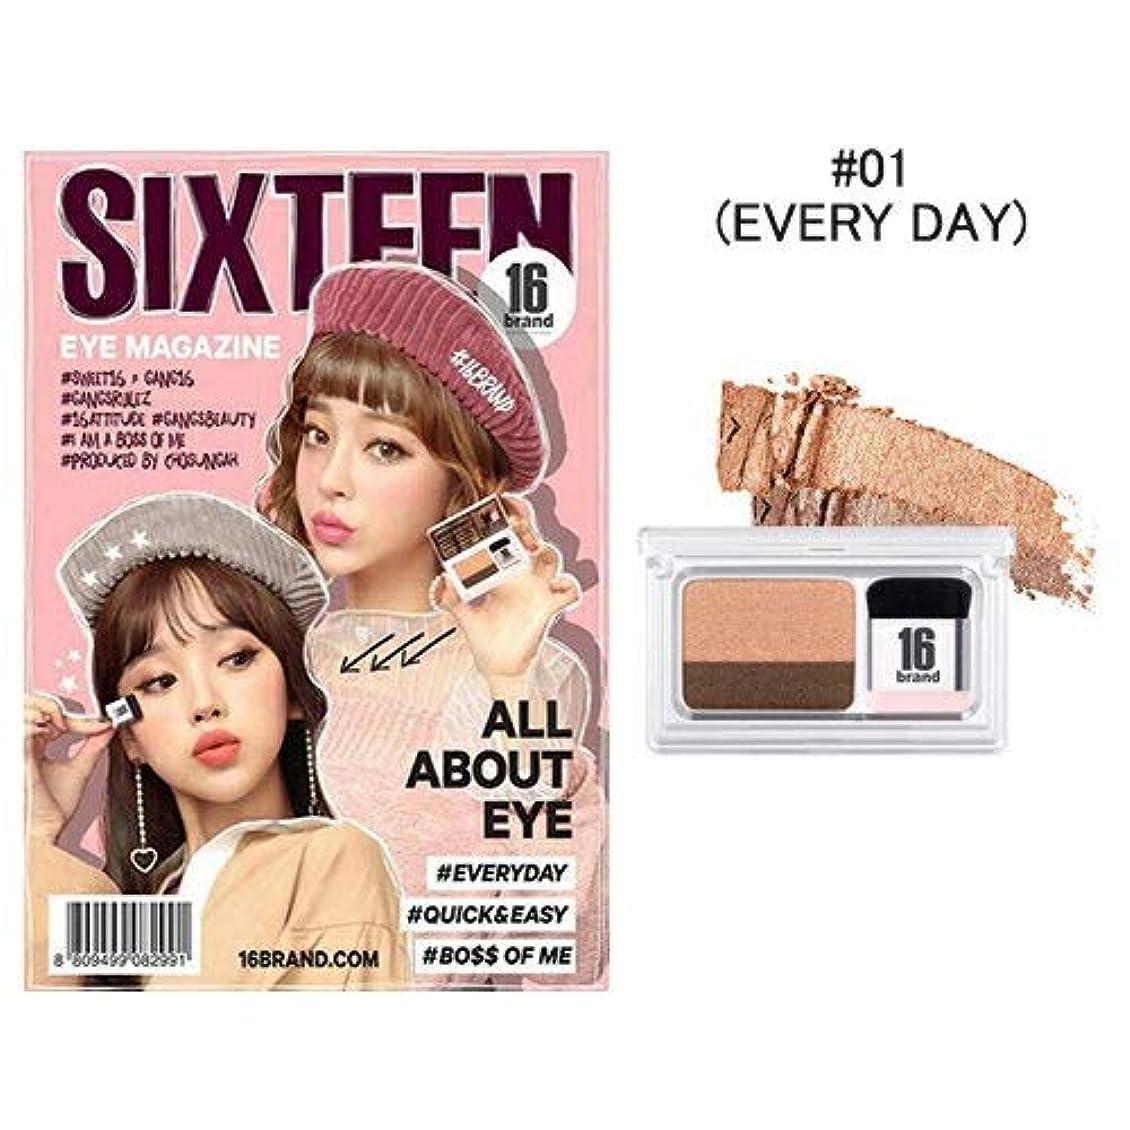 言い聞かせる通知抜け目のない[New Color] 16brand Sixteen Eye Magazine 2g /16ブランド シックスティーン アイ マガジン 2g (#01 EVERY DAY) [並行輸入品]